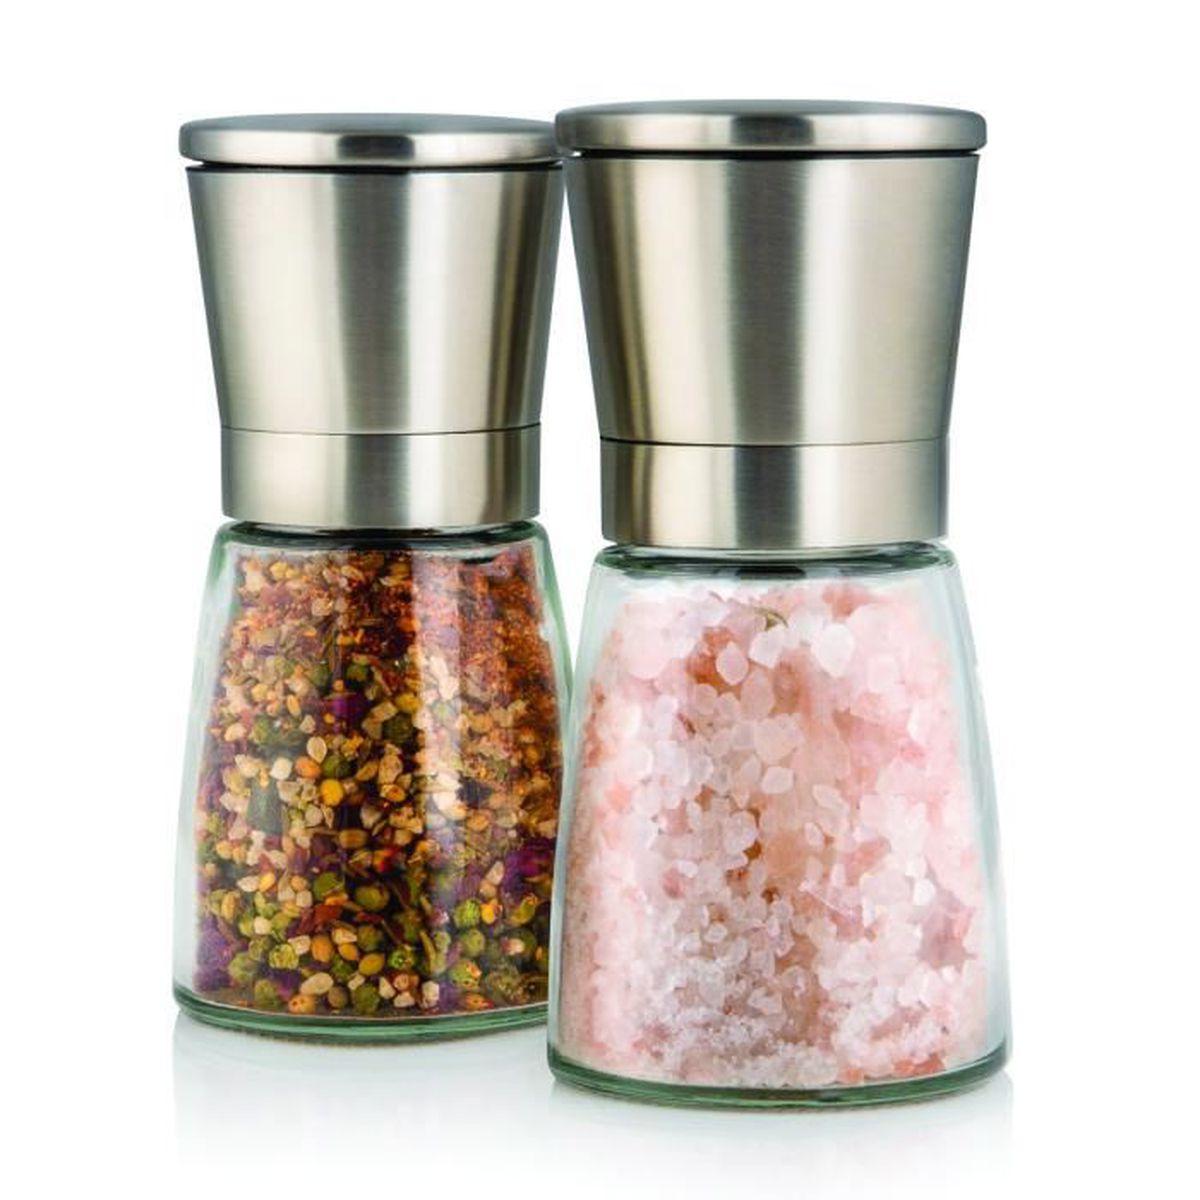 moulin a sel et poivre achat vente moulin a sel et poivre pas cher soldes d s le 10. Black Bedroom Furniture Sets. Home Design Ideas